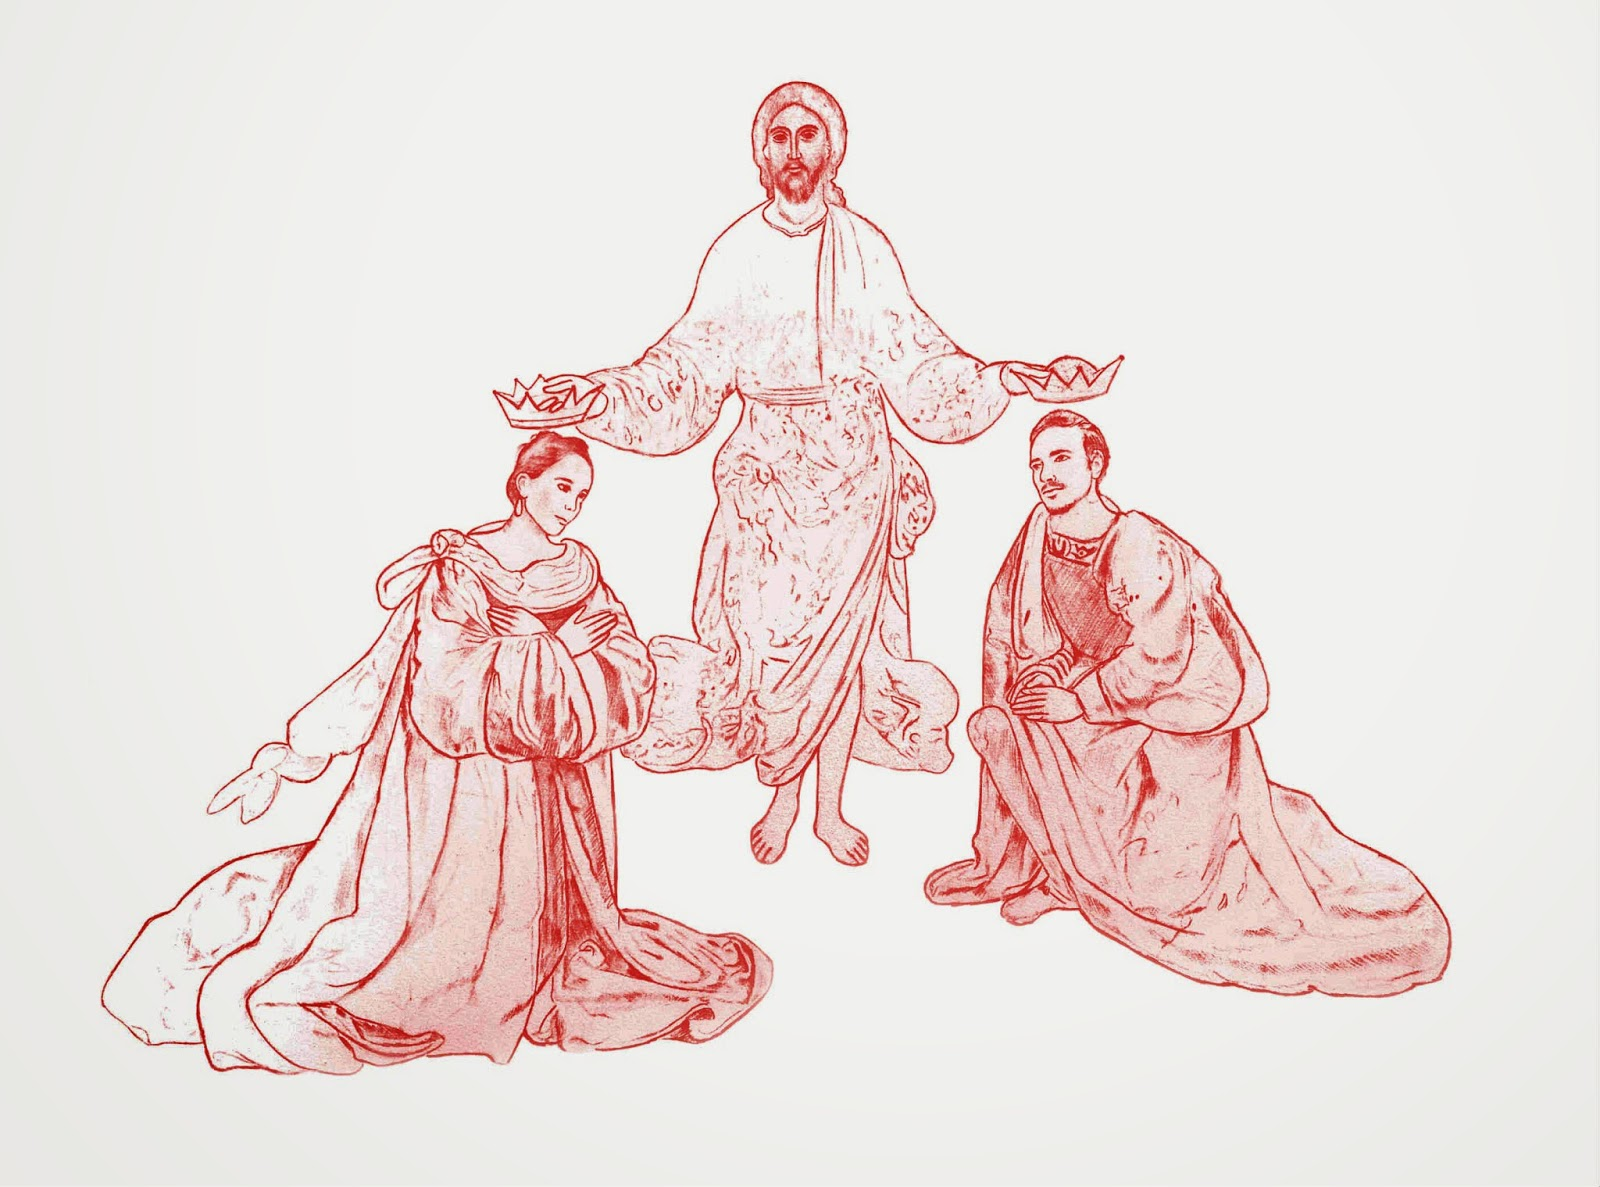 Matrimonio Rituale Romano : Francesco astiaso garcia pittore e artista siano una